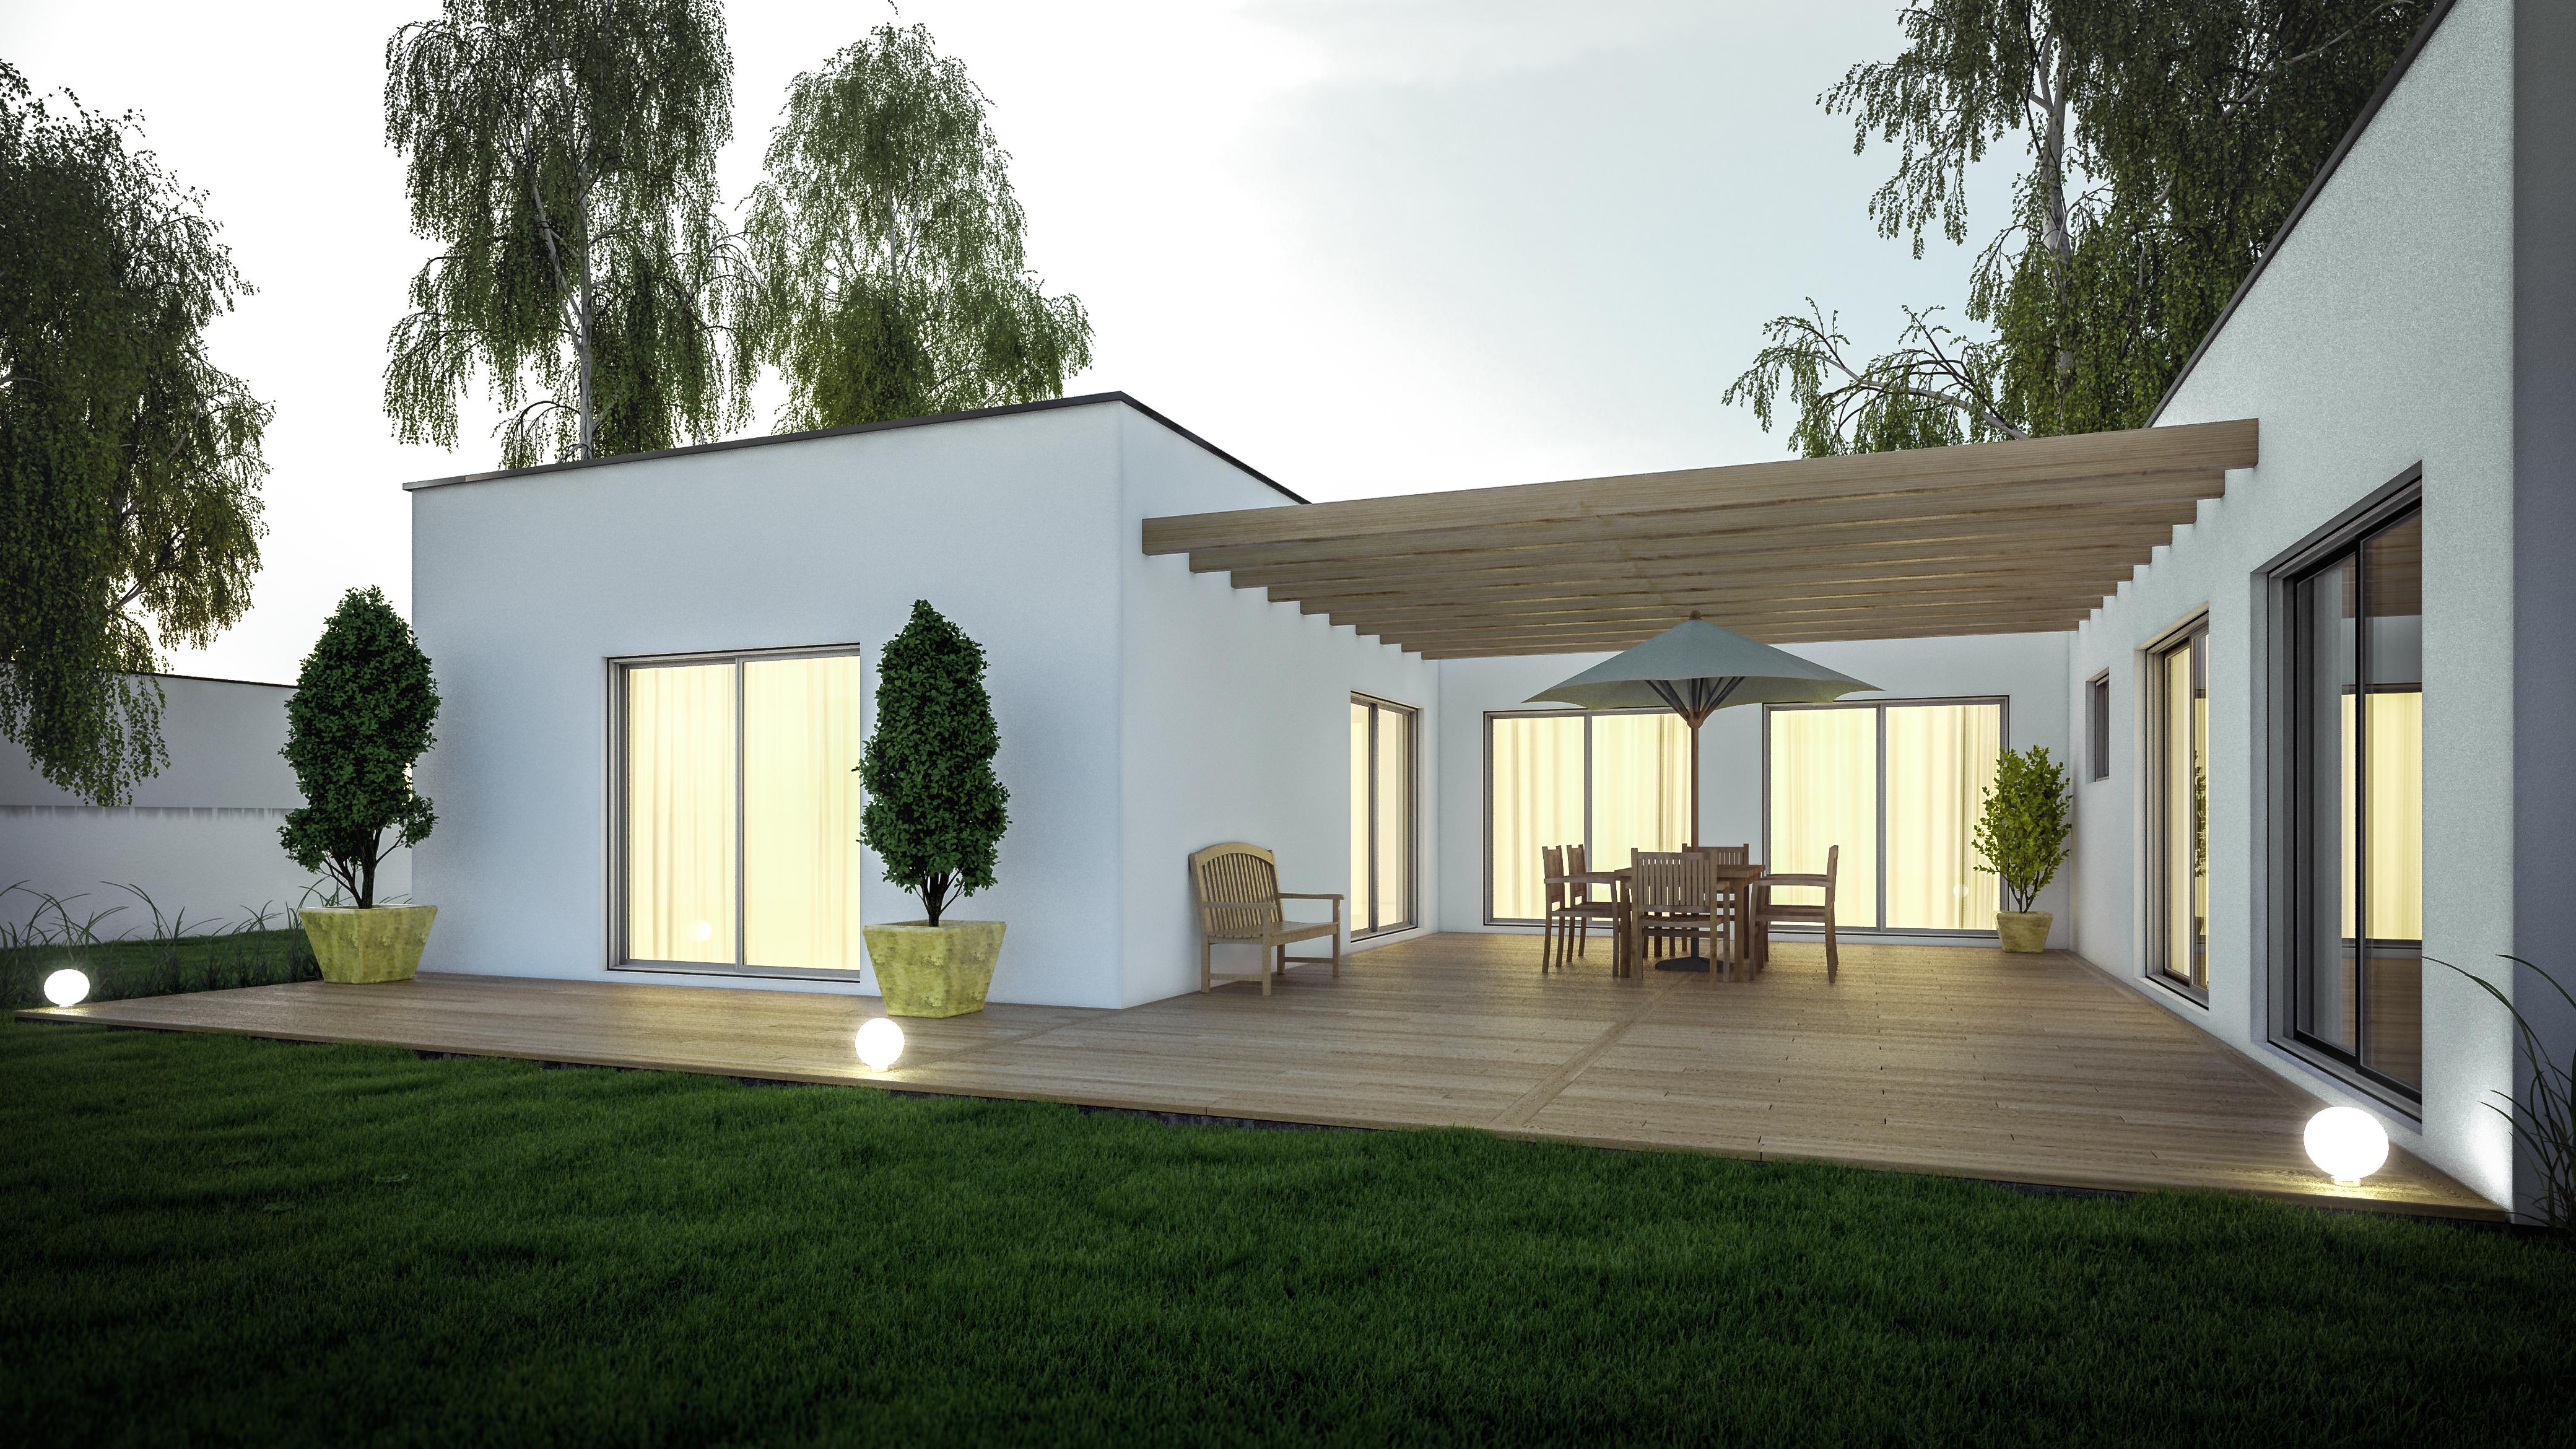 Extension maison design id es de - Extension design maison ...